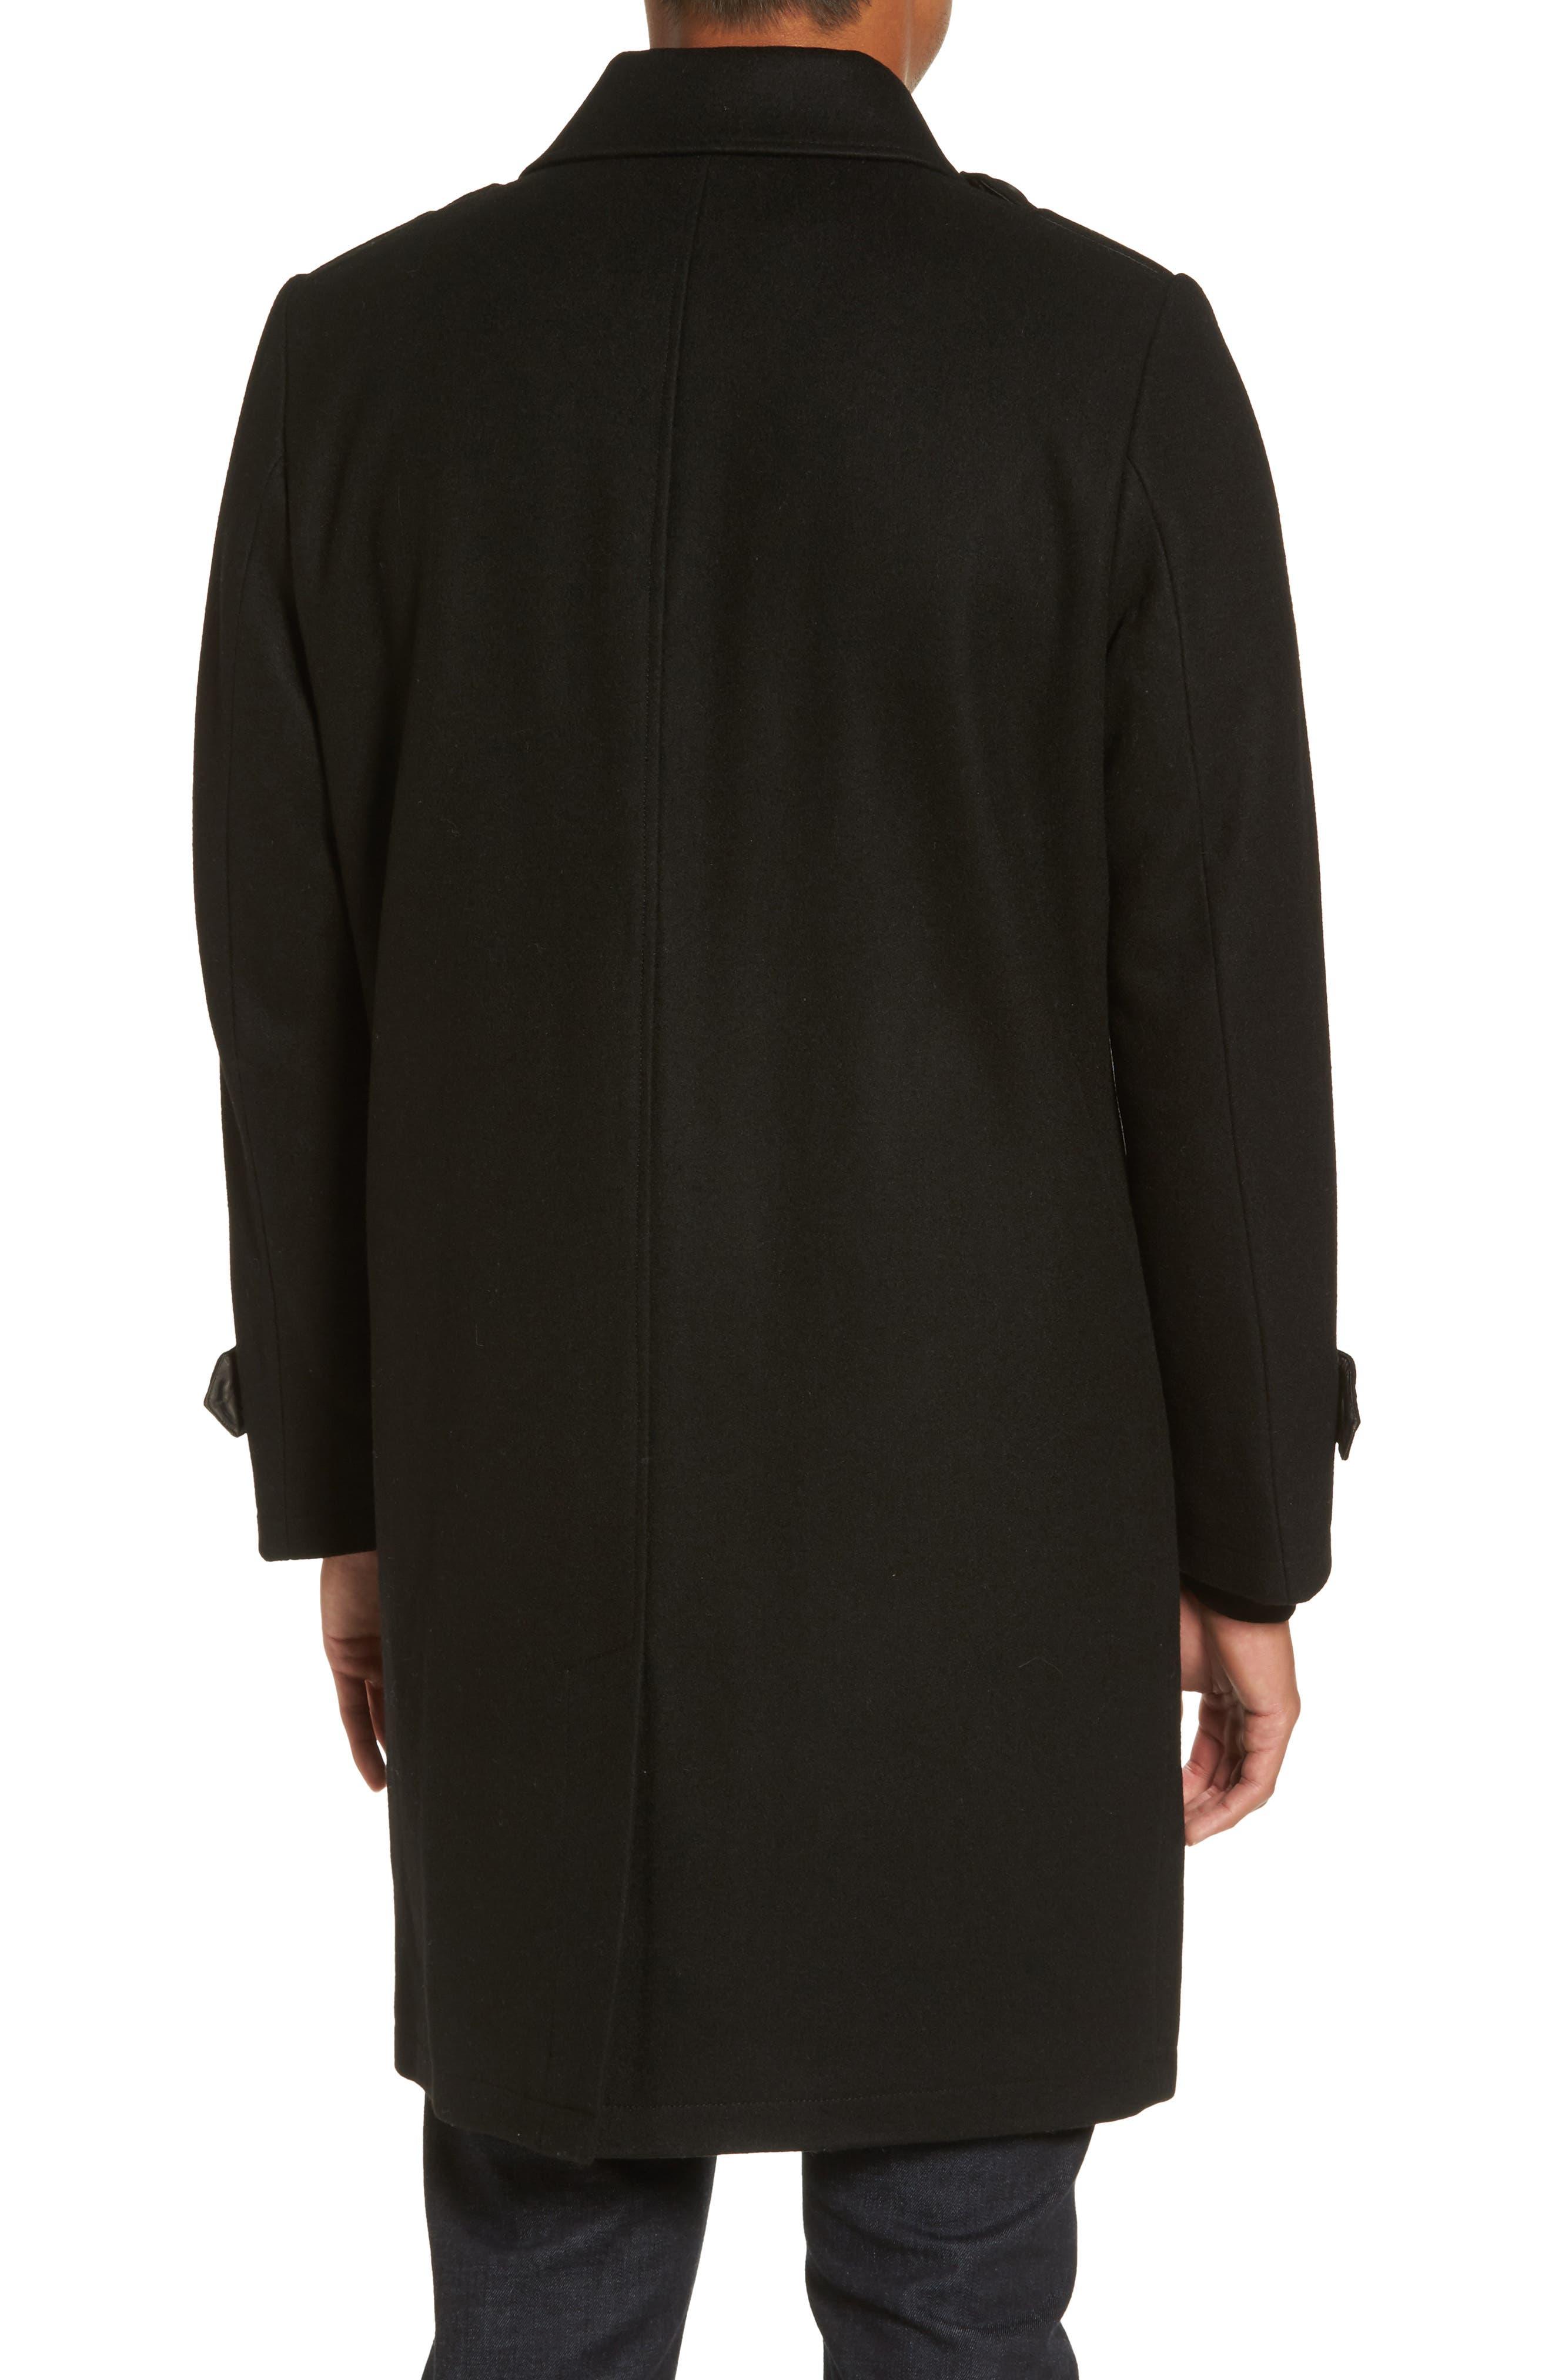 Wool Blend Overcoat,                             Alternate thumbnail 2, color,                             001